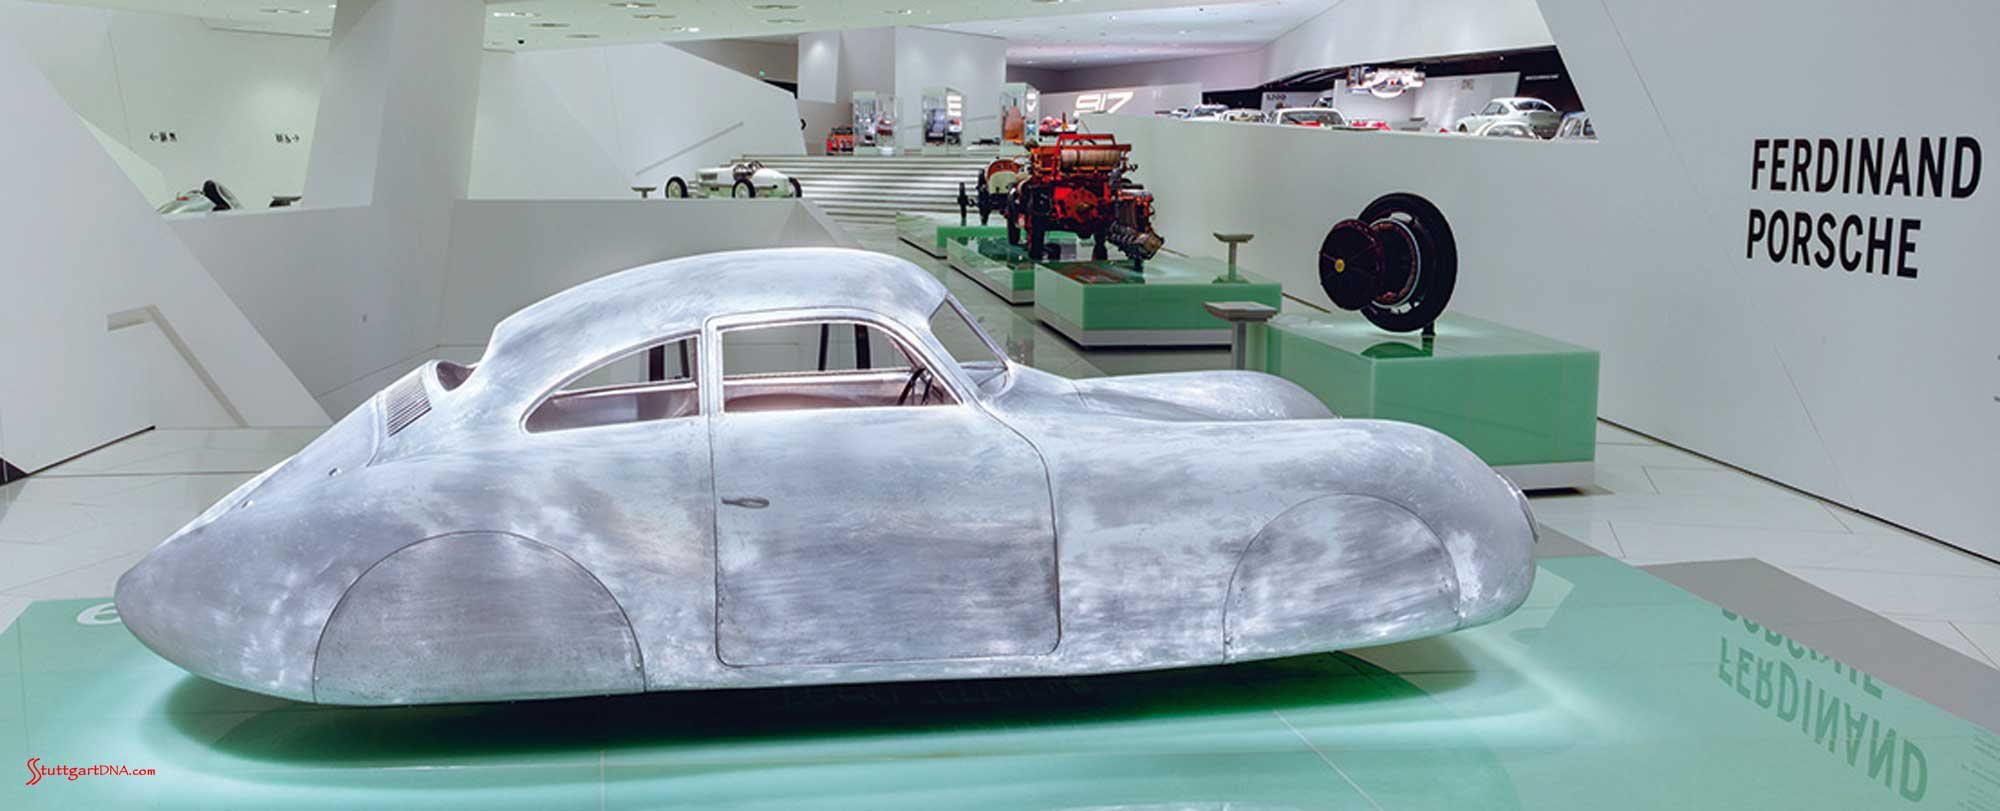 Porsche No 1: